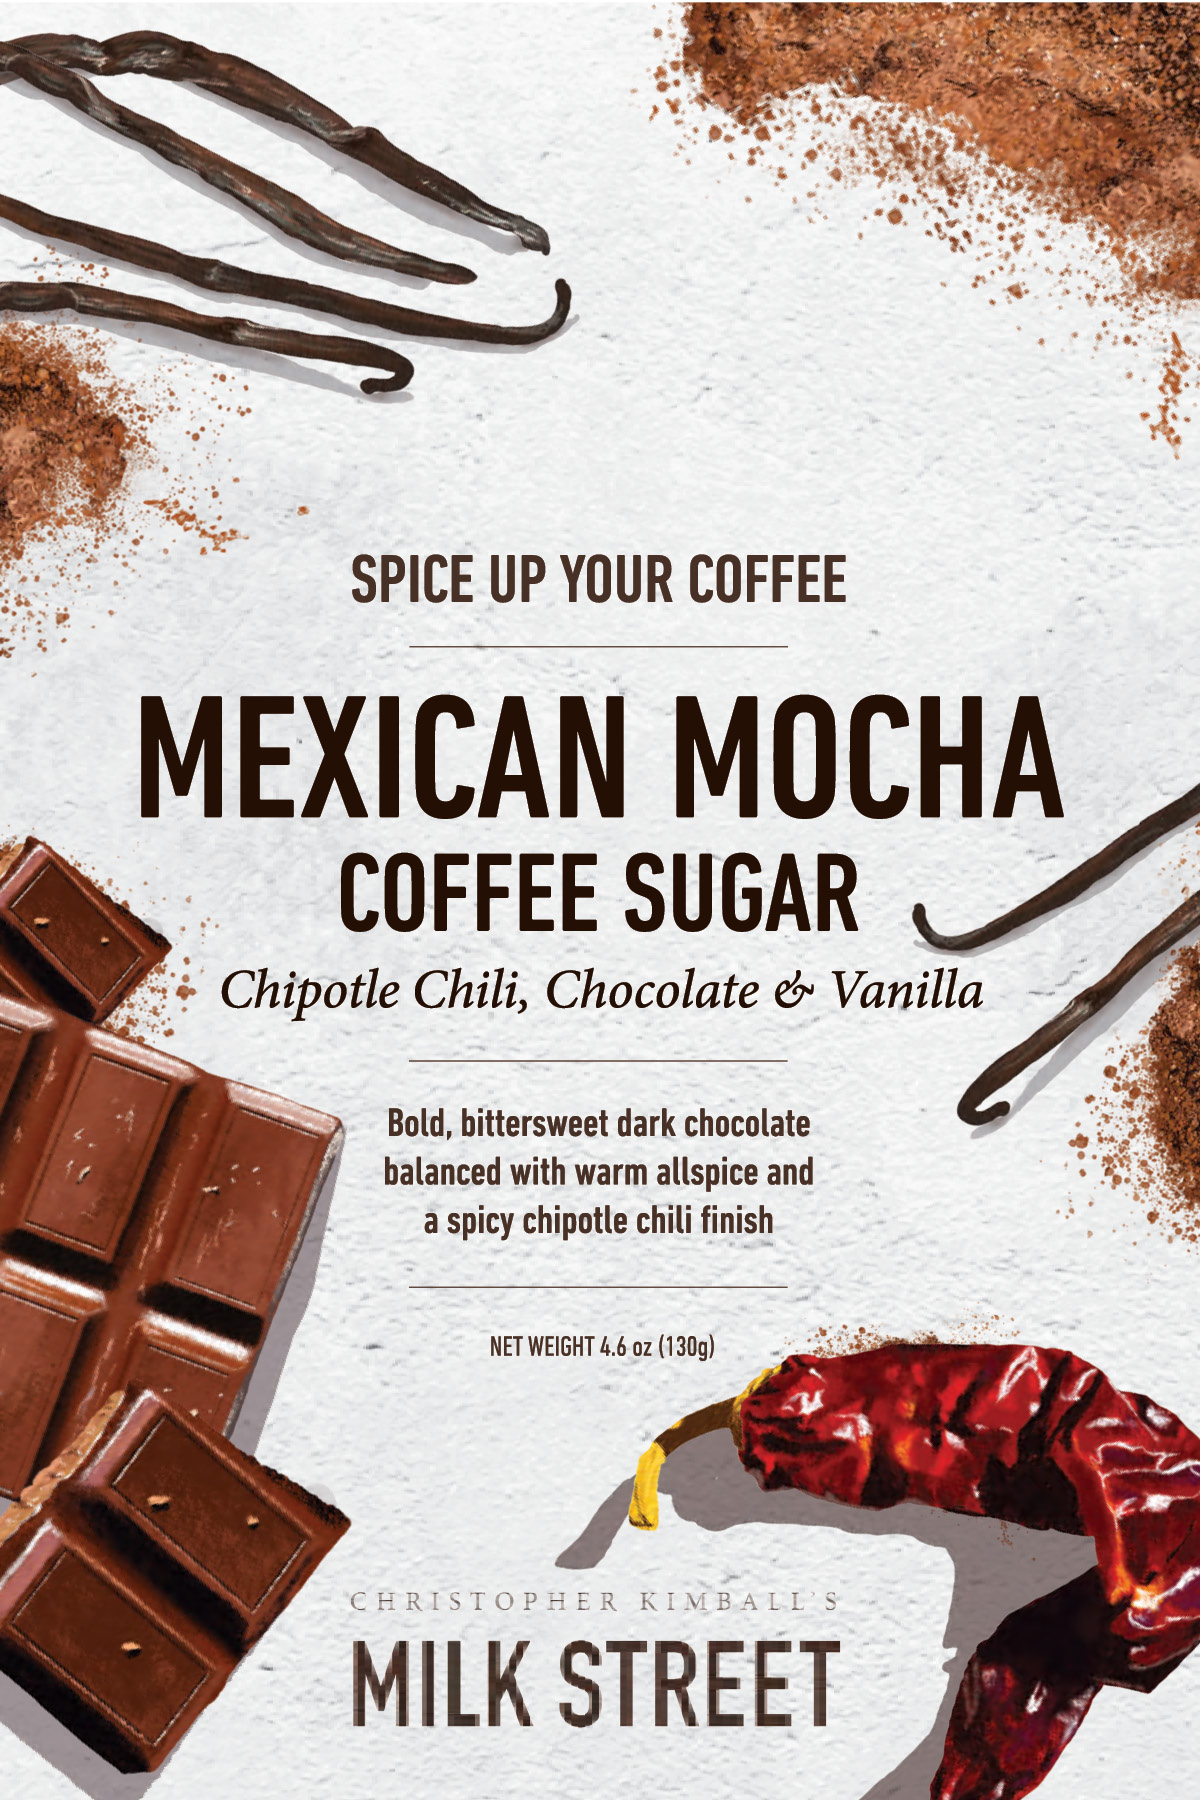 CoffeeSugar_MexicanMocha_Flat.jpg